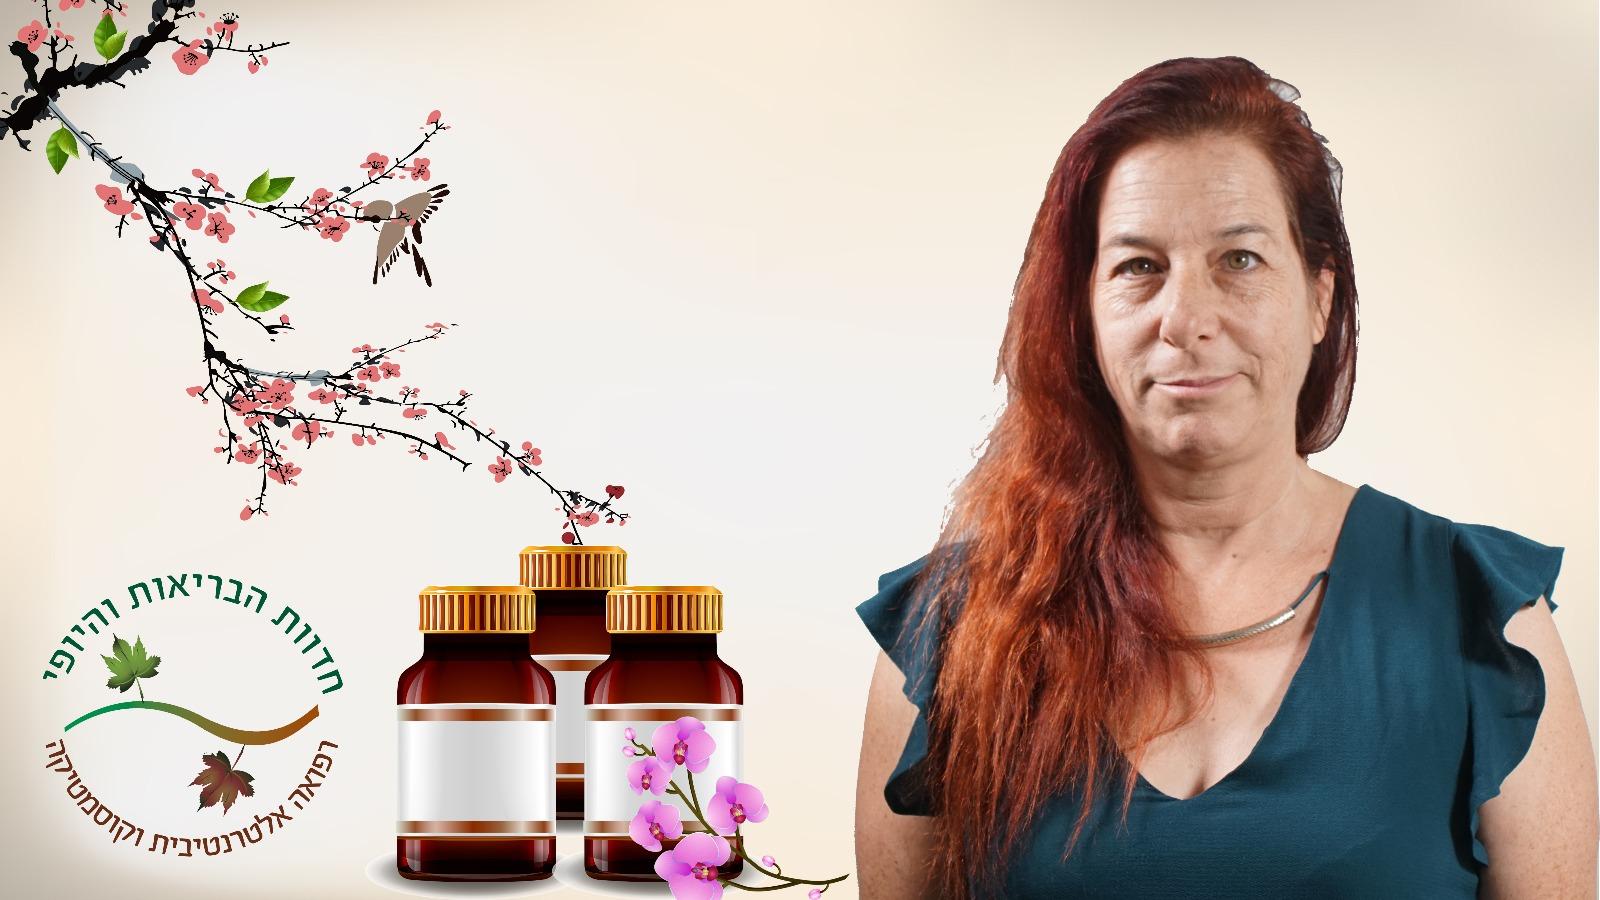 טיפול בפרחי באך בירושלים | טיפול פרחי באך בירושלים